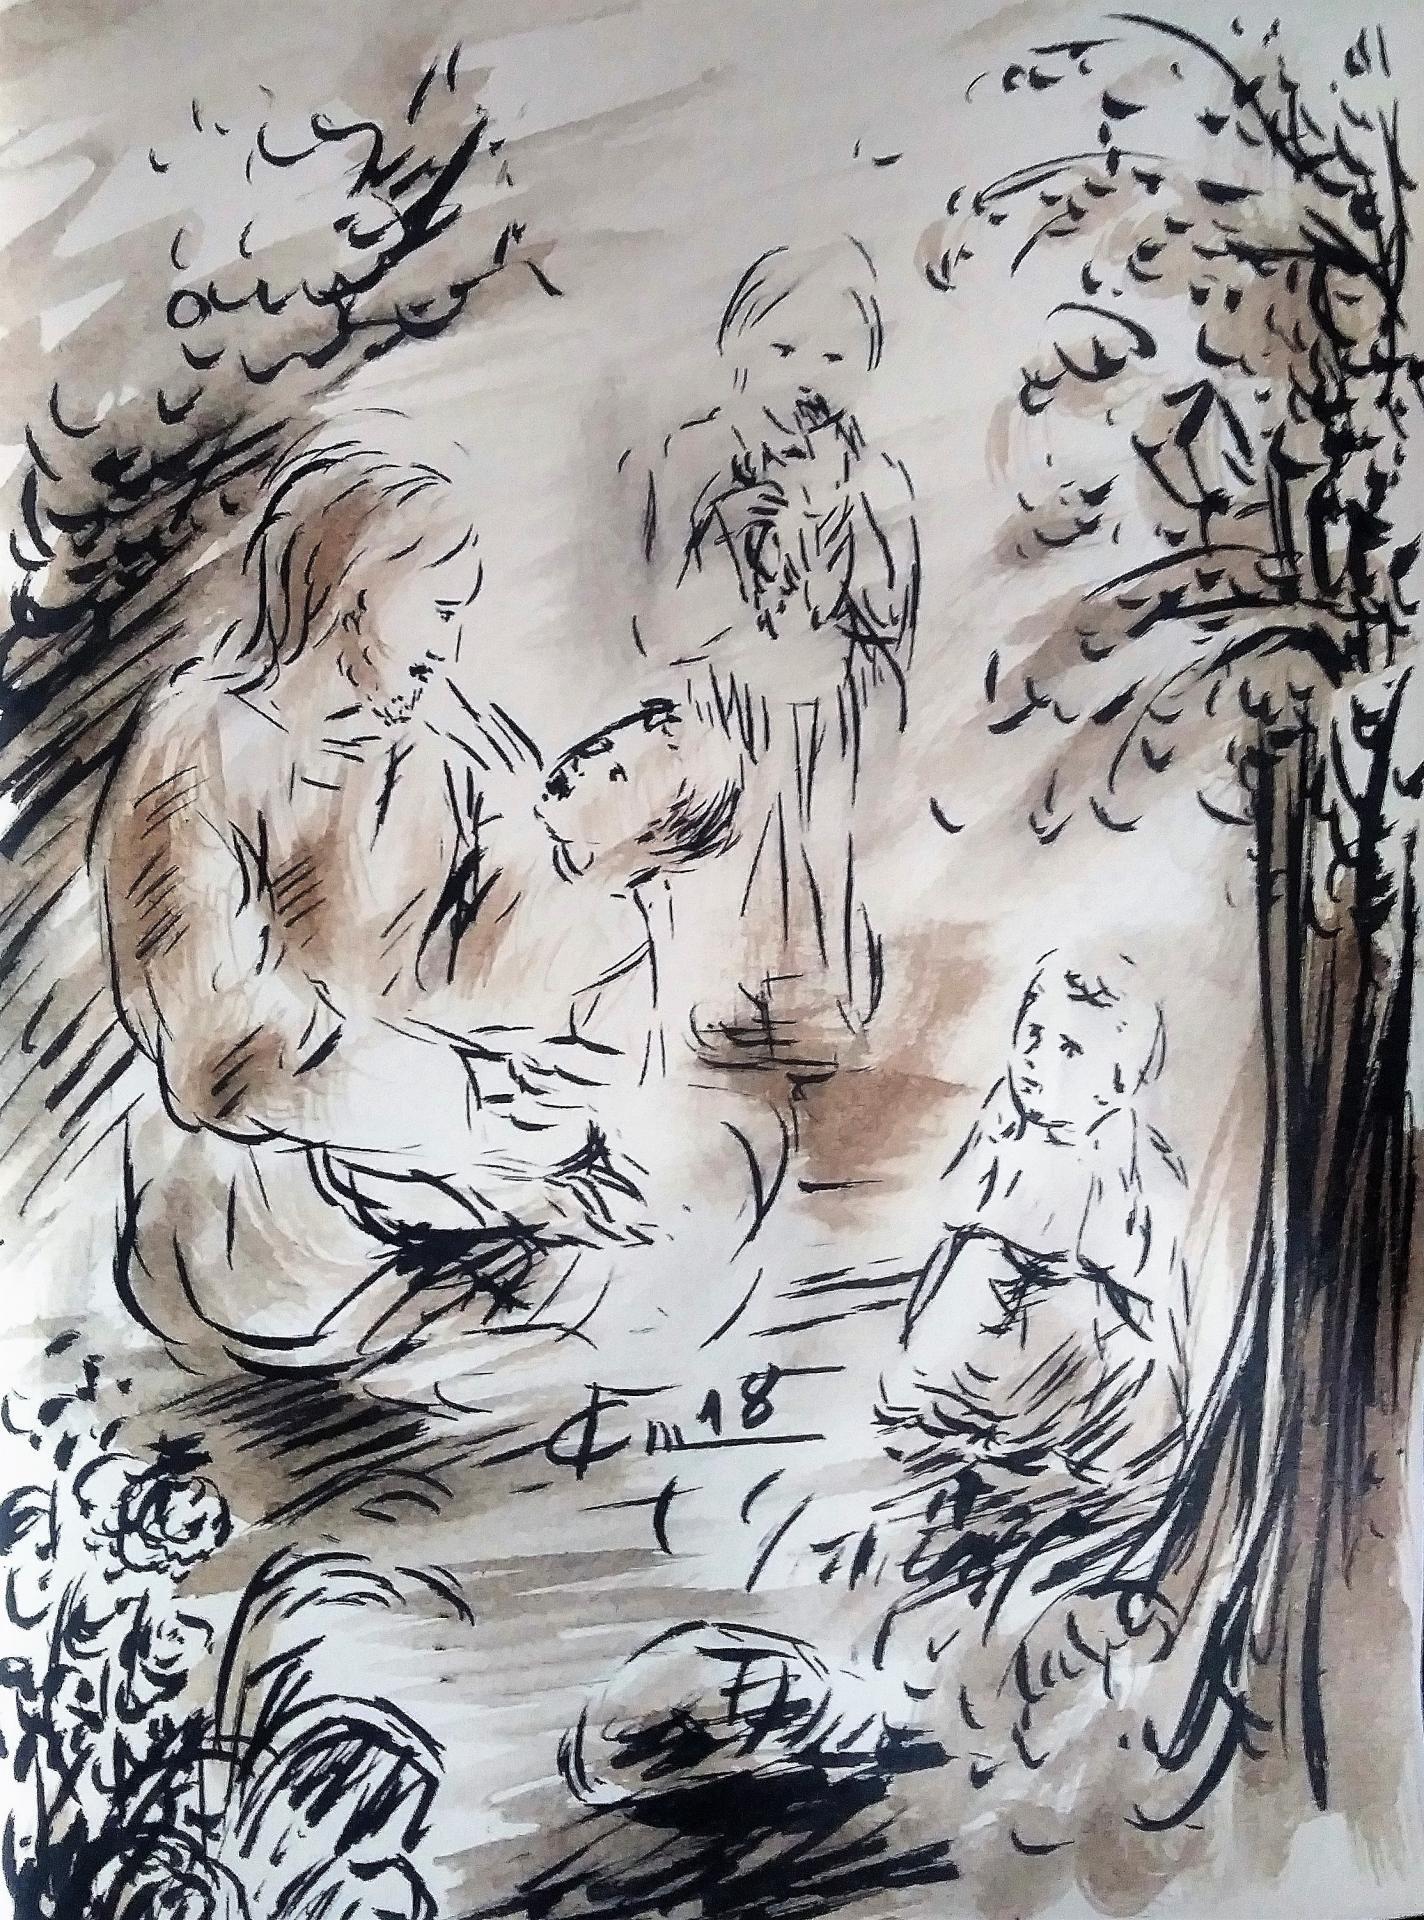 26 mai 2018 evangile du jour illustre par un dessin au lavis de jean joseph chevalier